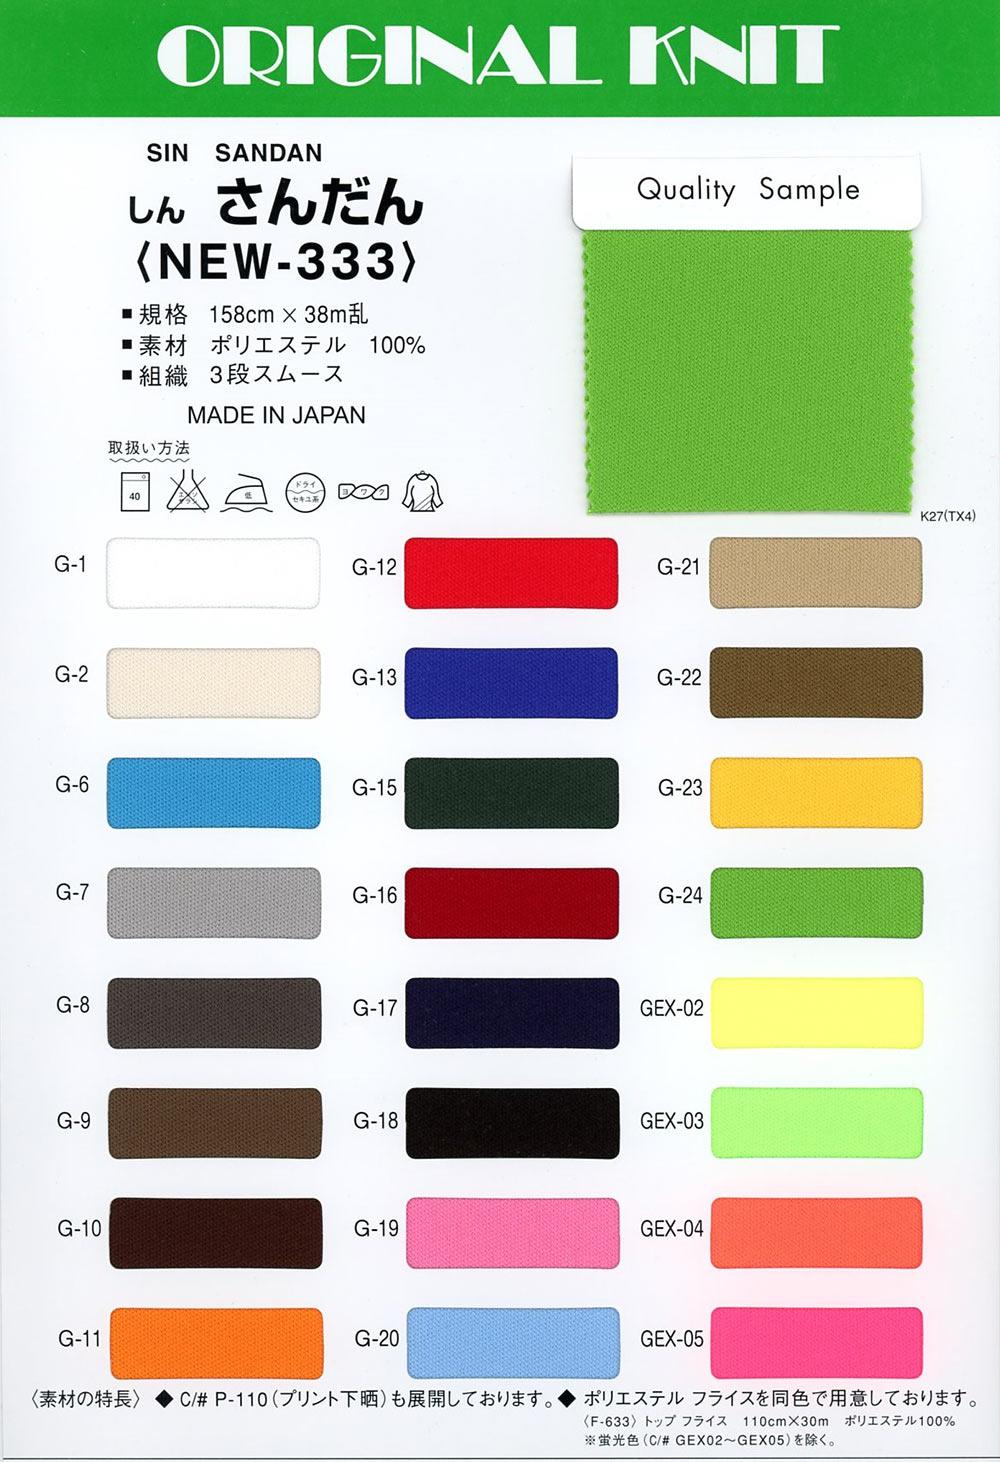 NEW-333 しん さんだん[生地] Masuda(マスダ)/オークラ商事 - ApparelX アパレル資材卸通販